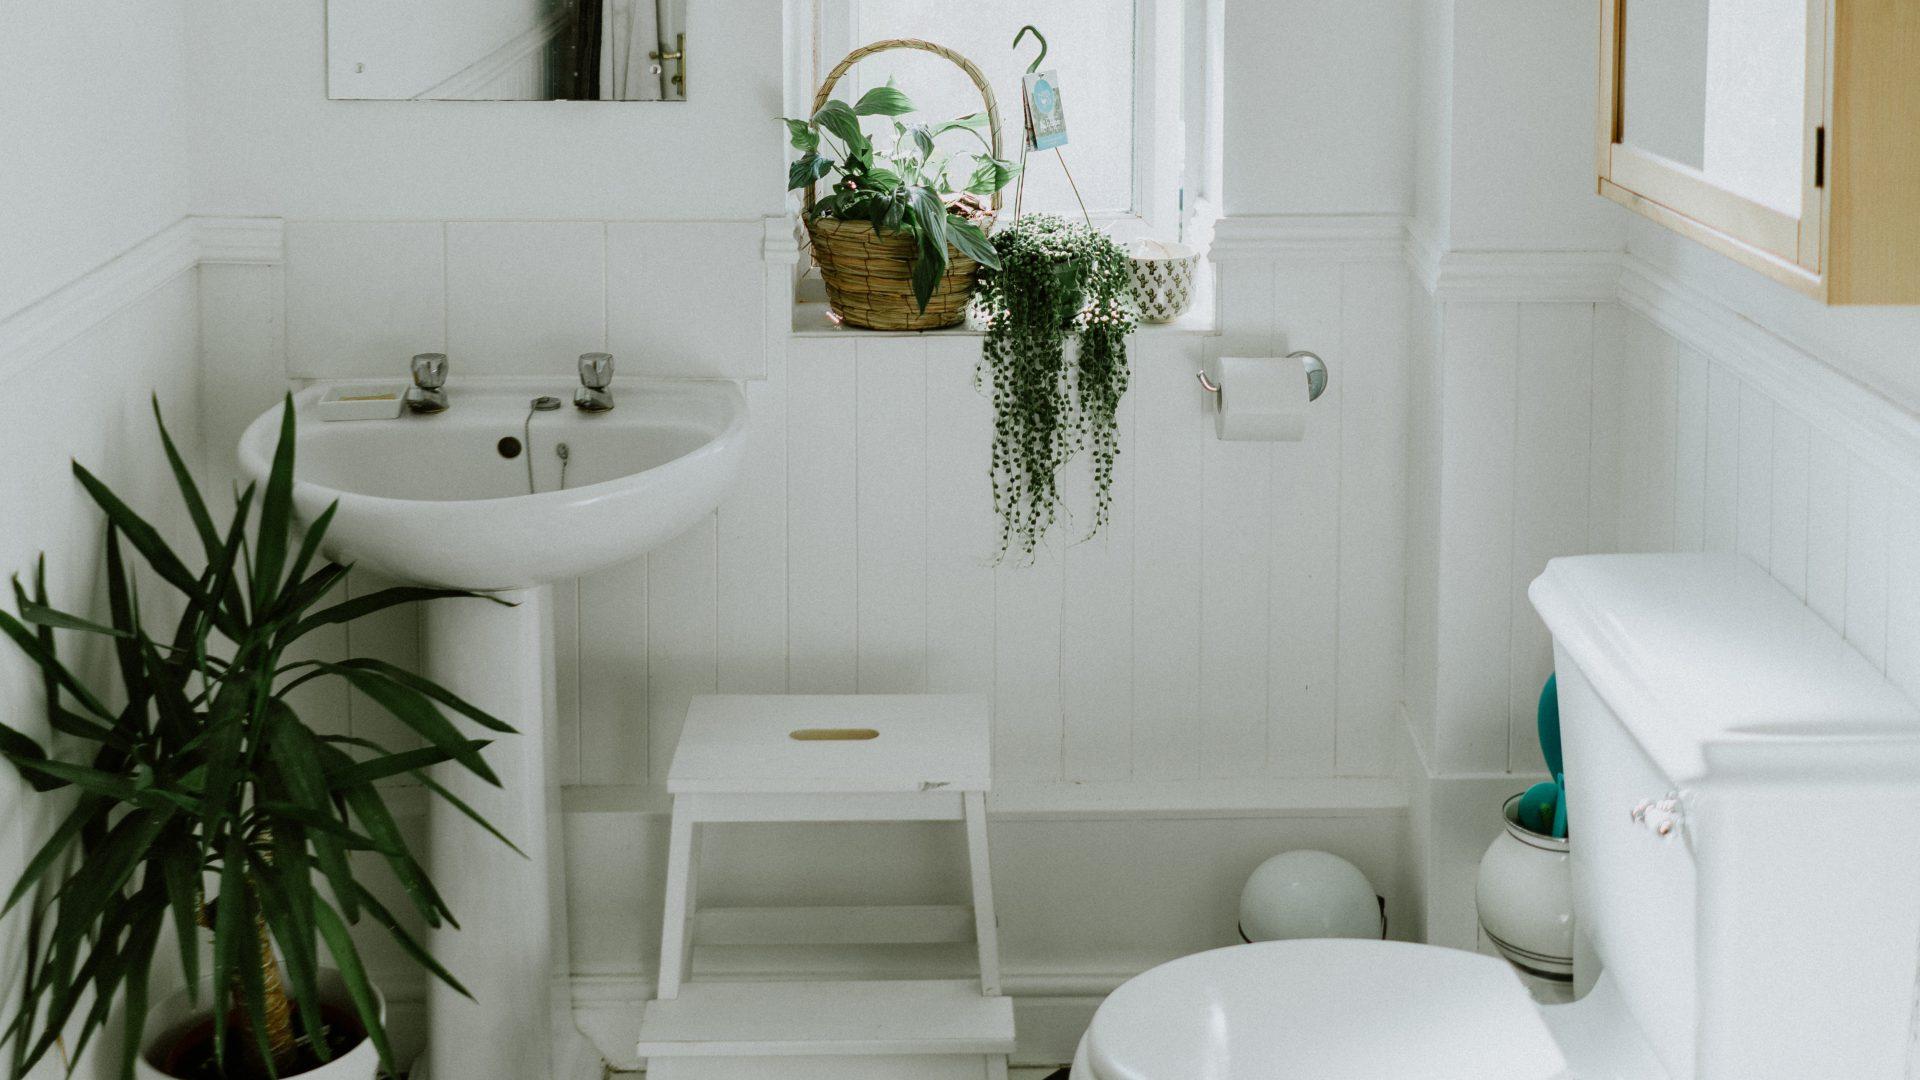 Toiletinspiratie